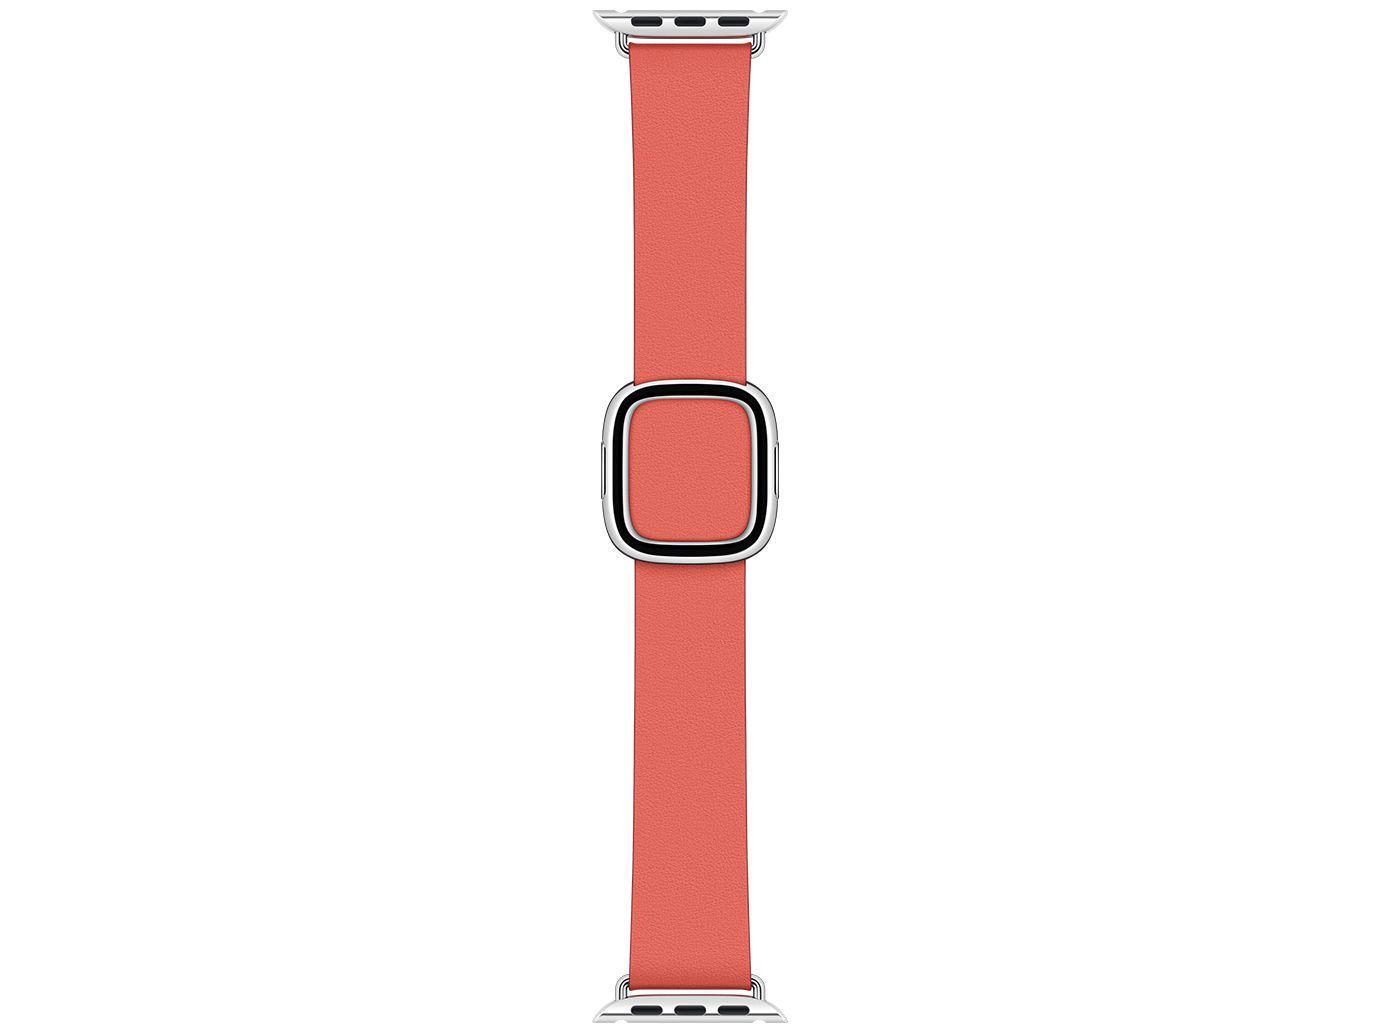 Pulseira Apple Watch Fecho Moderno em Couro 40mm - Rosa Cítrico Original